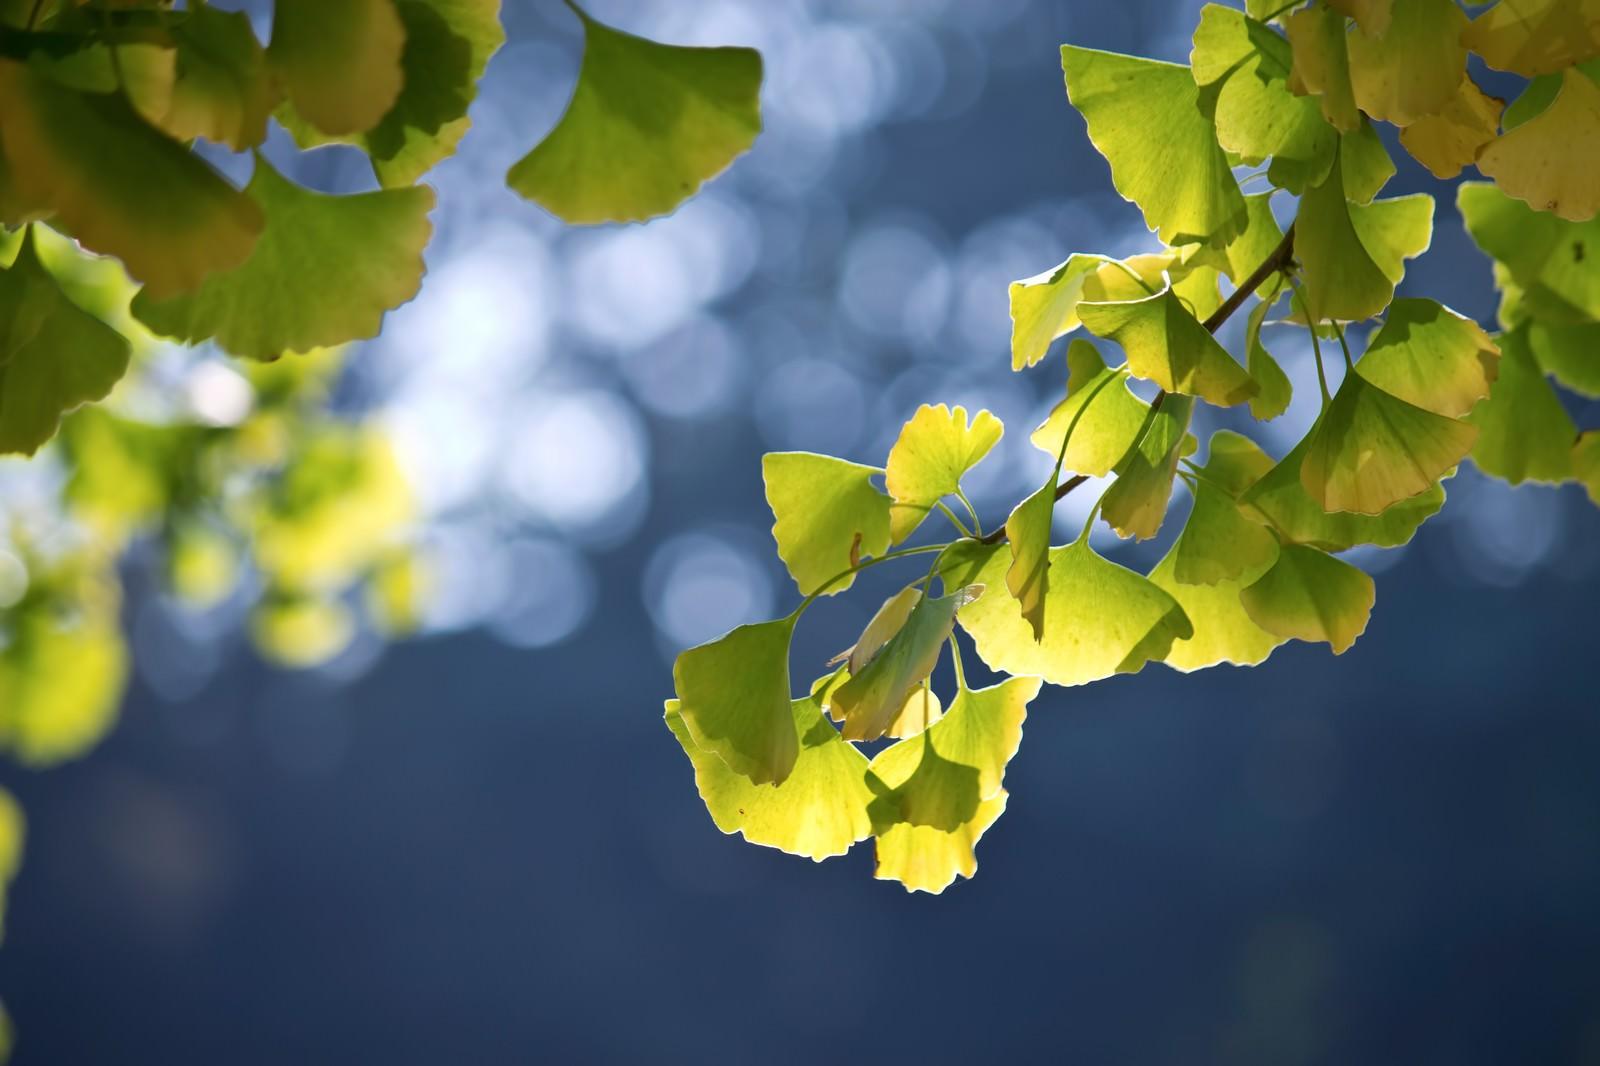 「黄色くなりはじめたイチョウ」の写真